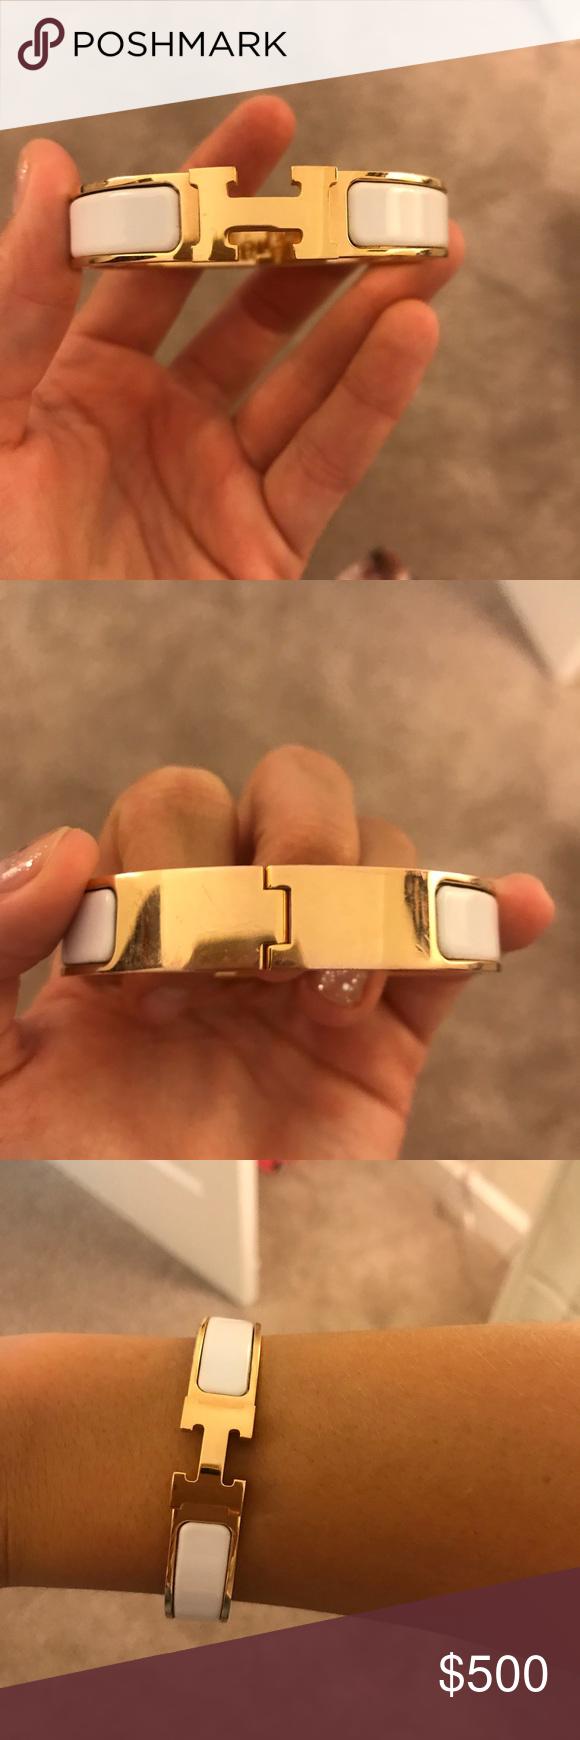 Hermès clic clac h bracelet rose goldwhite bracelet worn a few